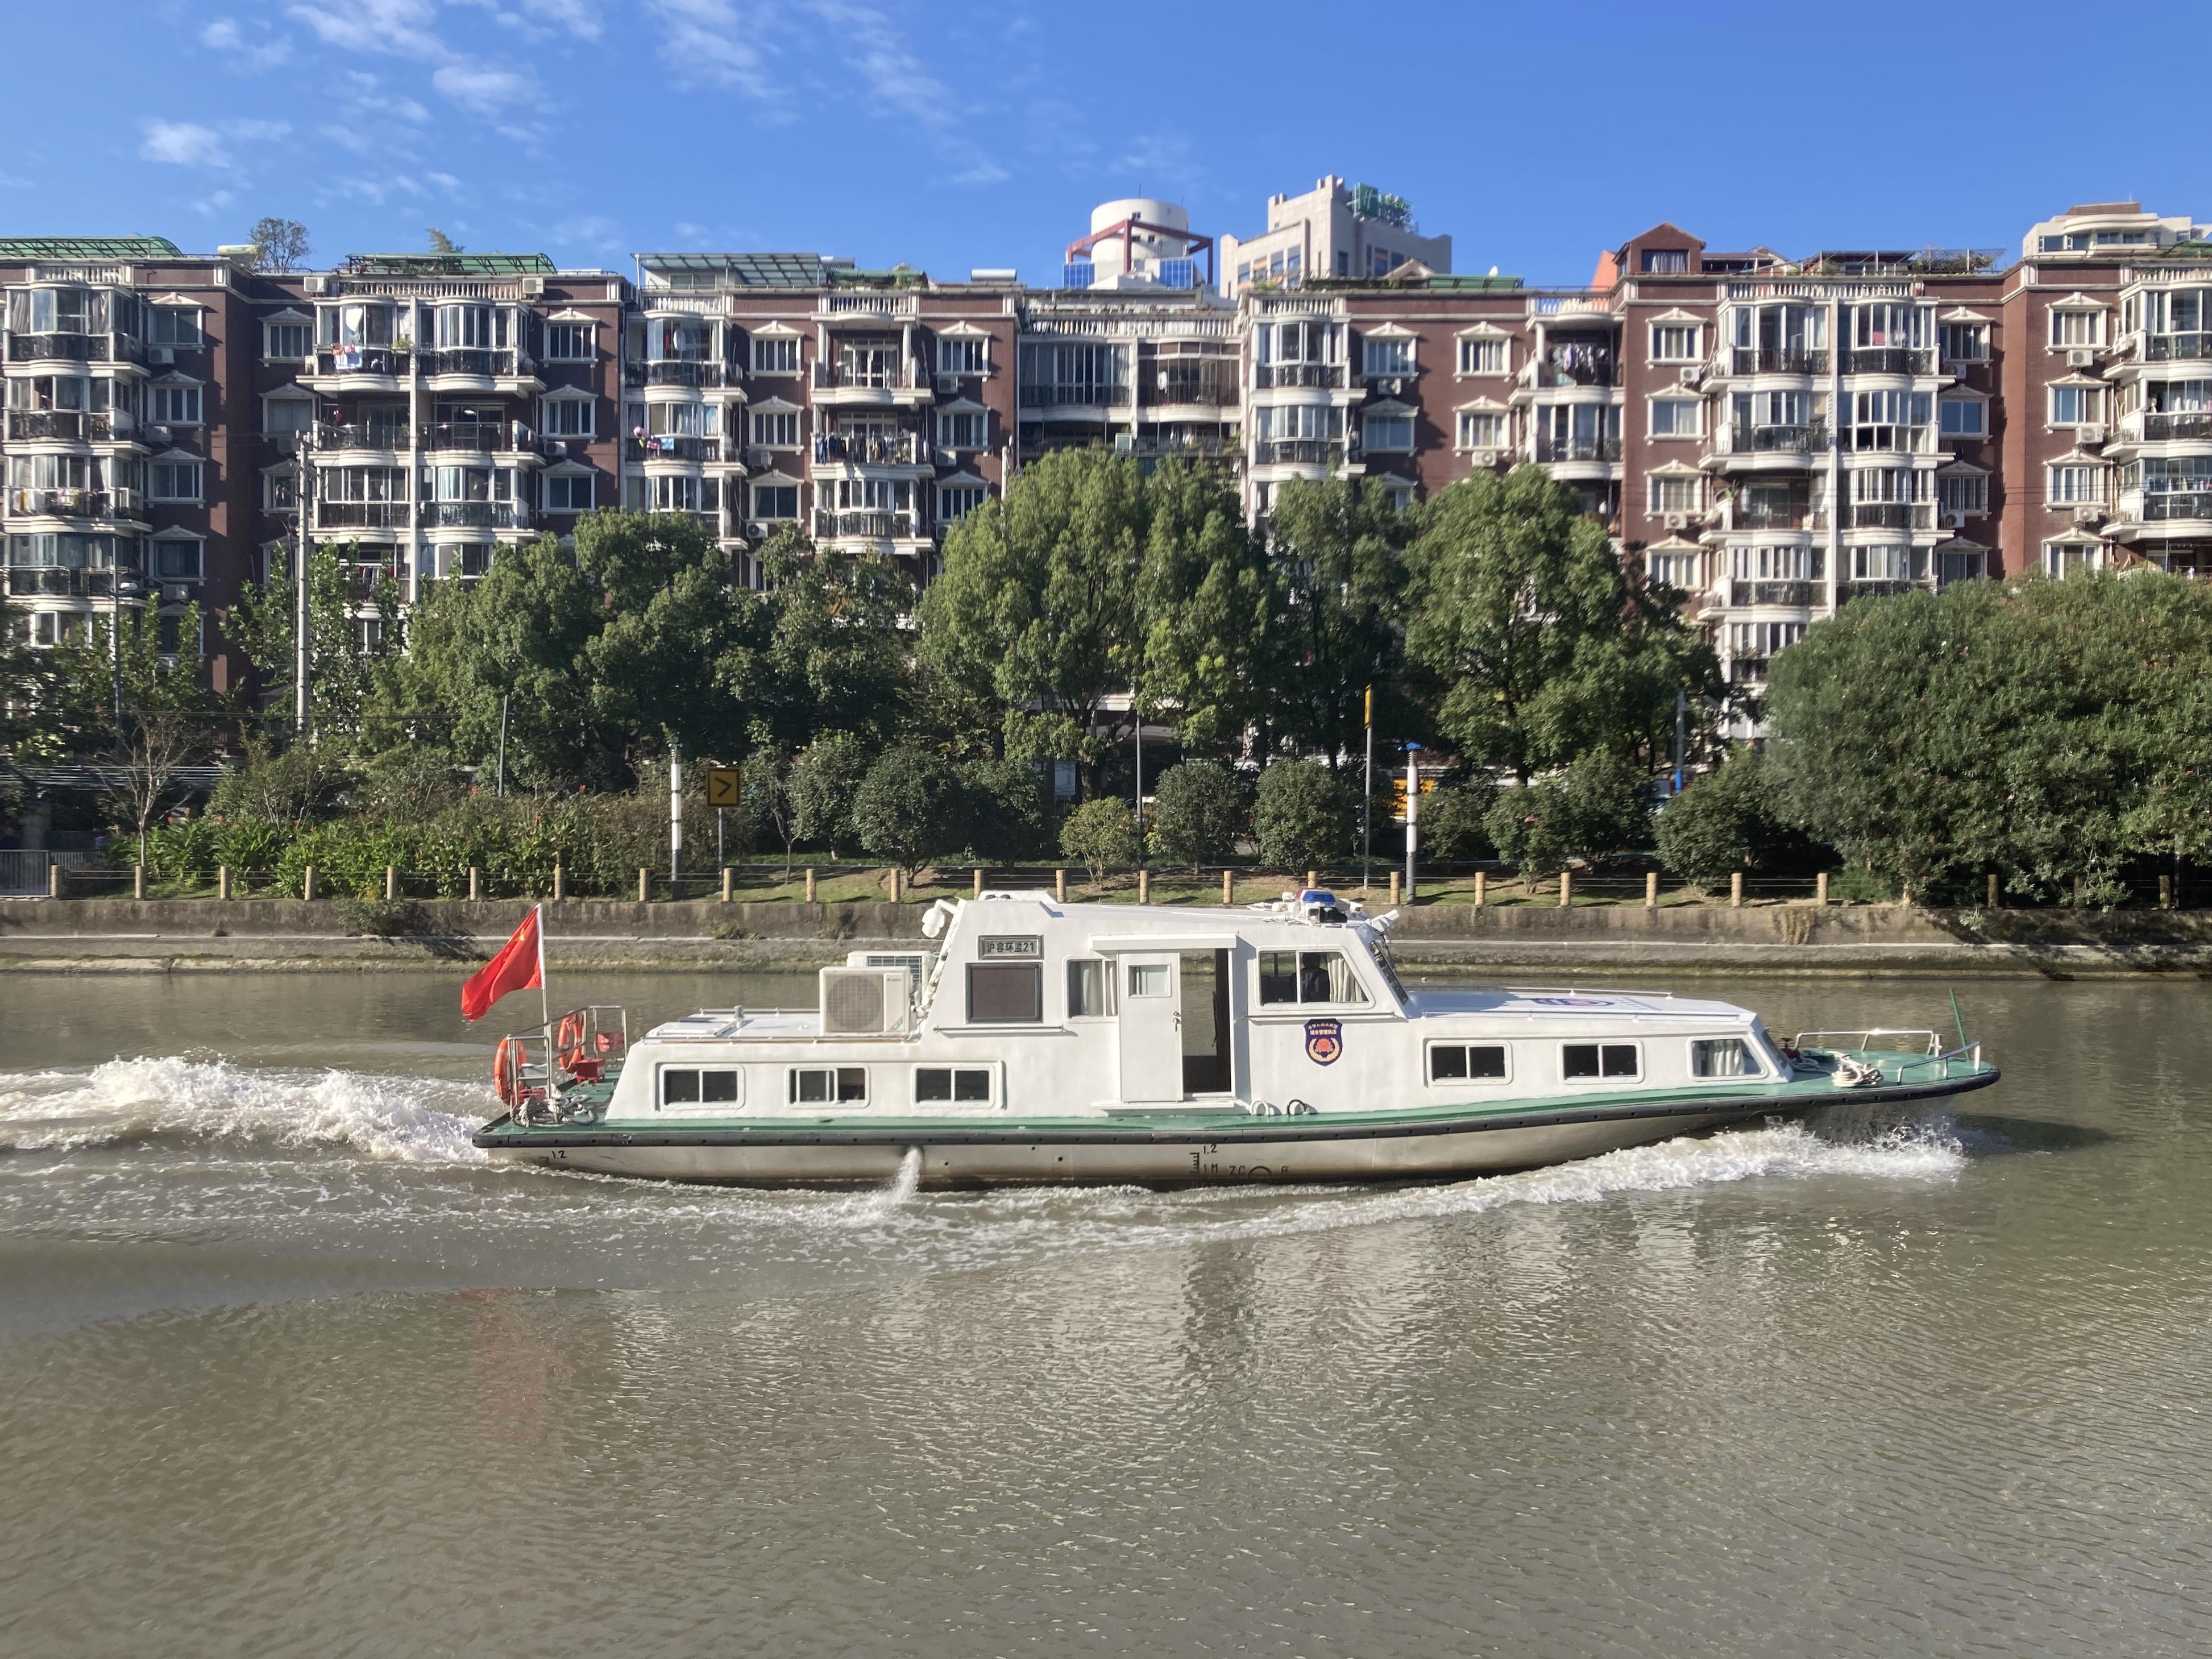 一艘巡逻船经过普陀区大型居住区之间的苏州河河道。 澎湃新闻记者 沈健文 摄